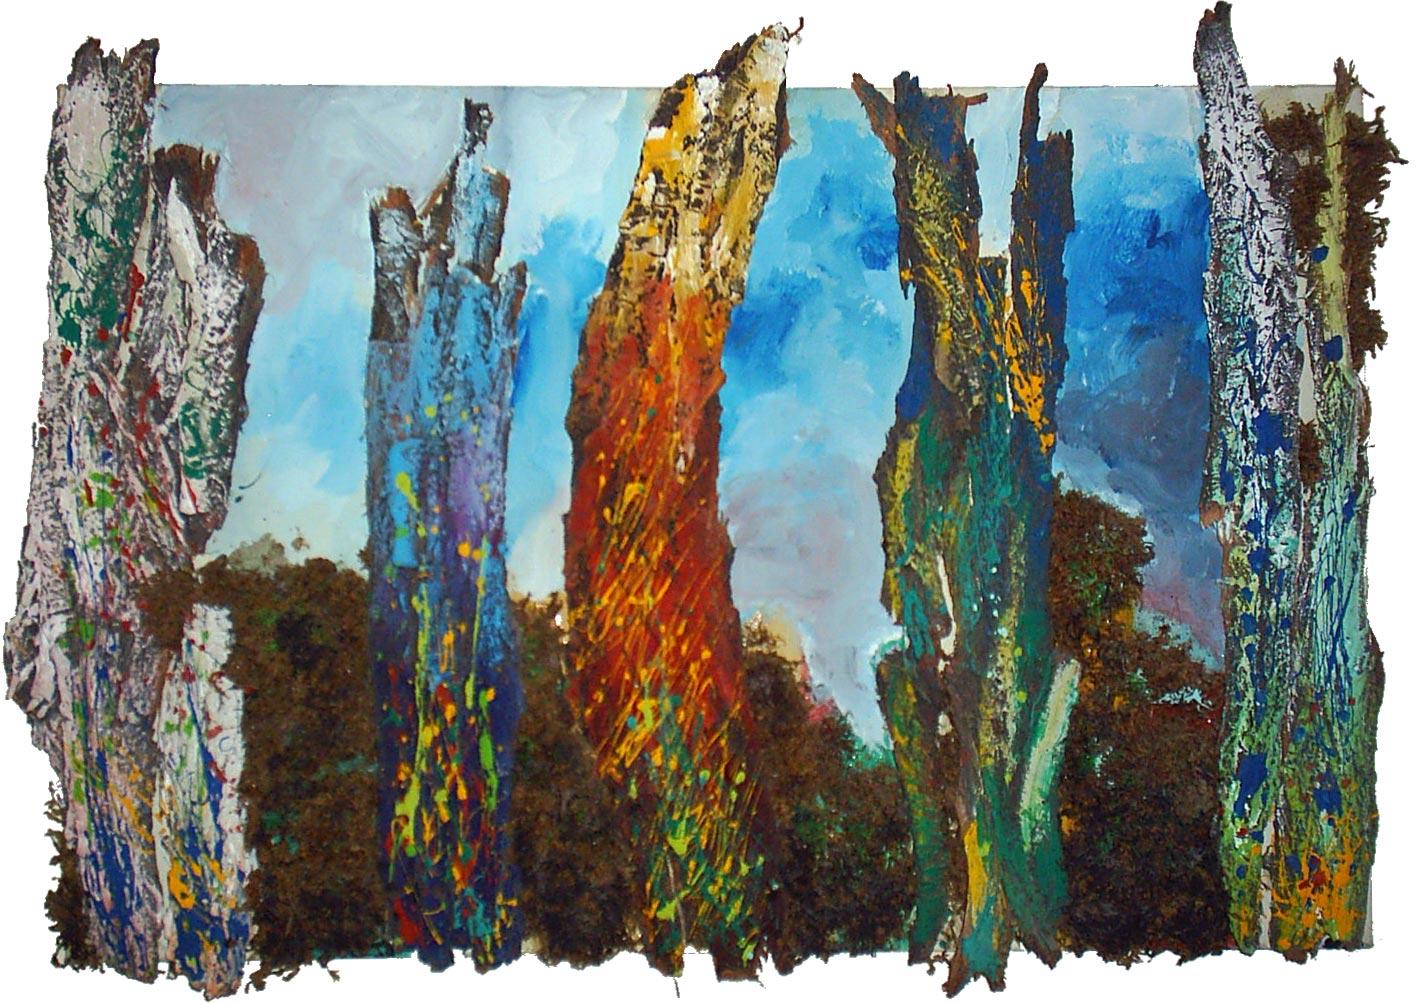 آثار نقاشی رنگ روغن روی بوم - درختان